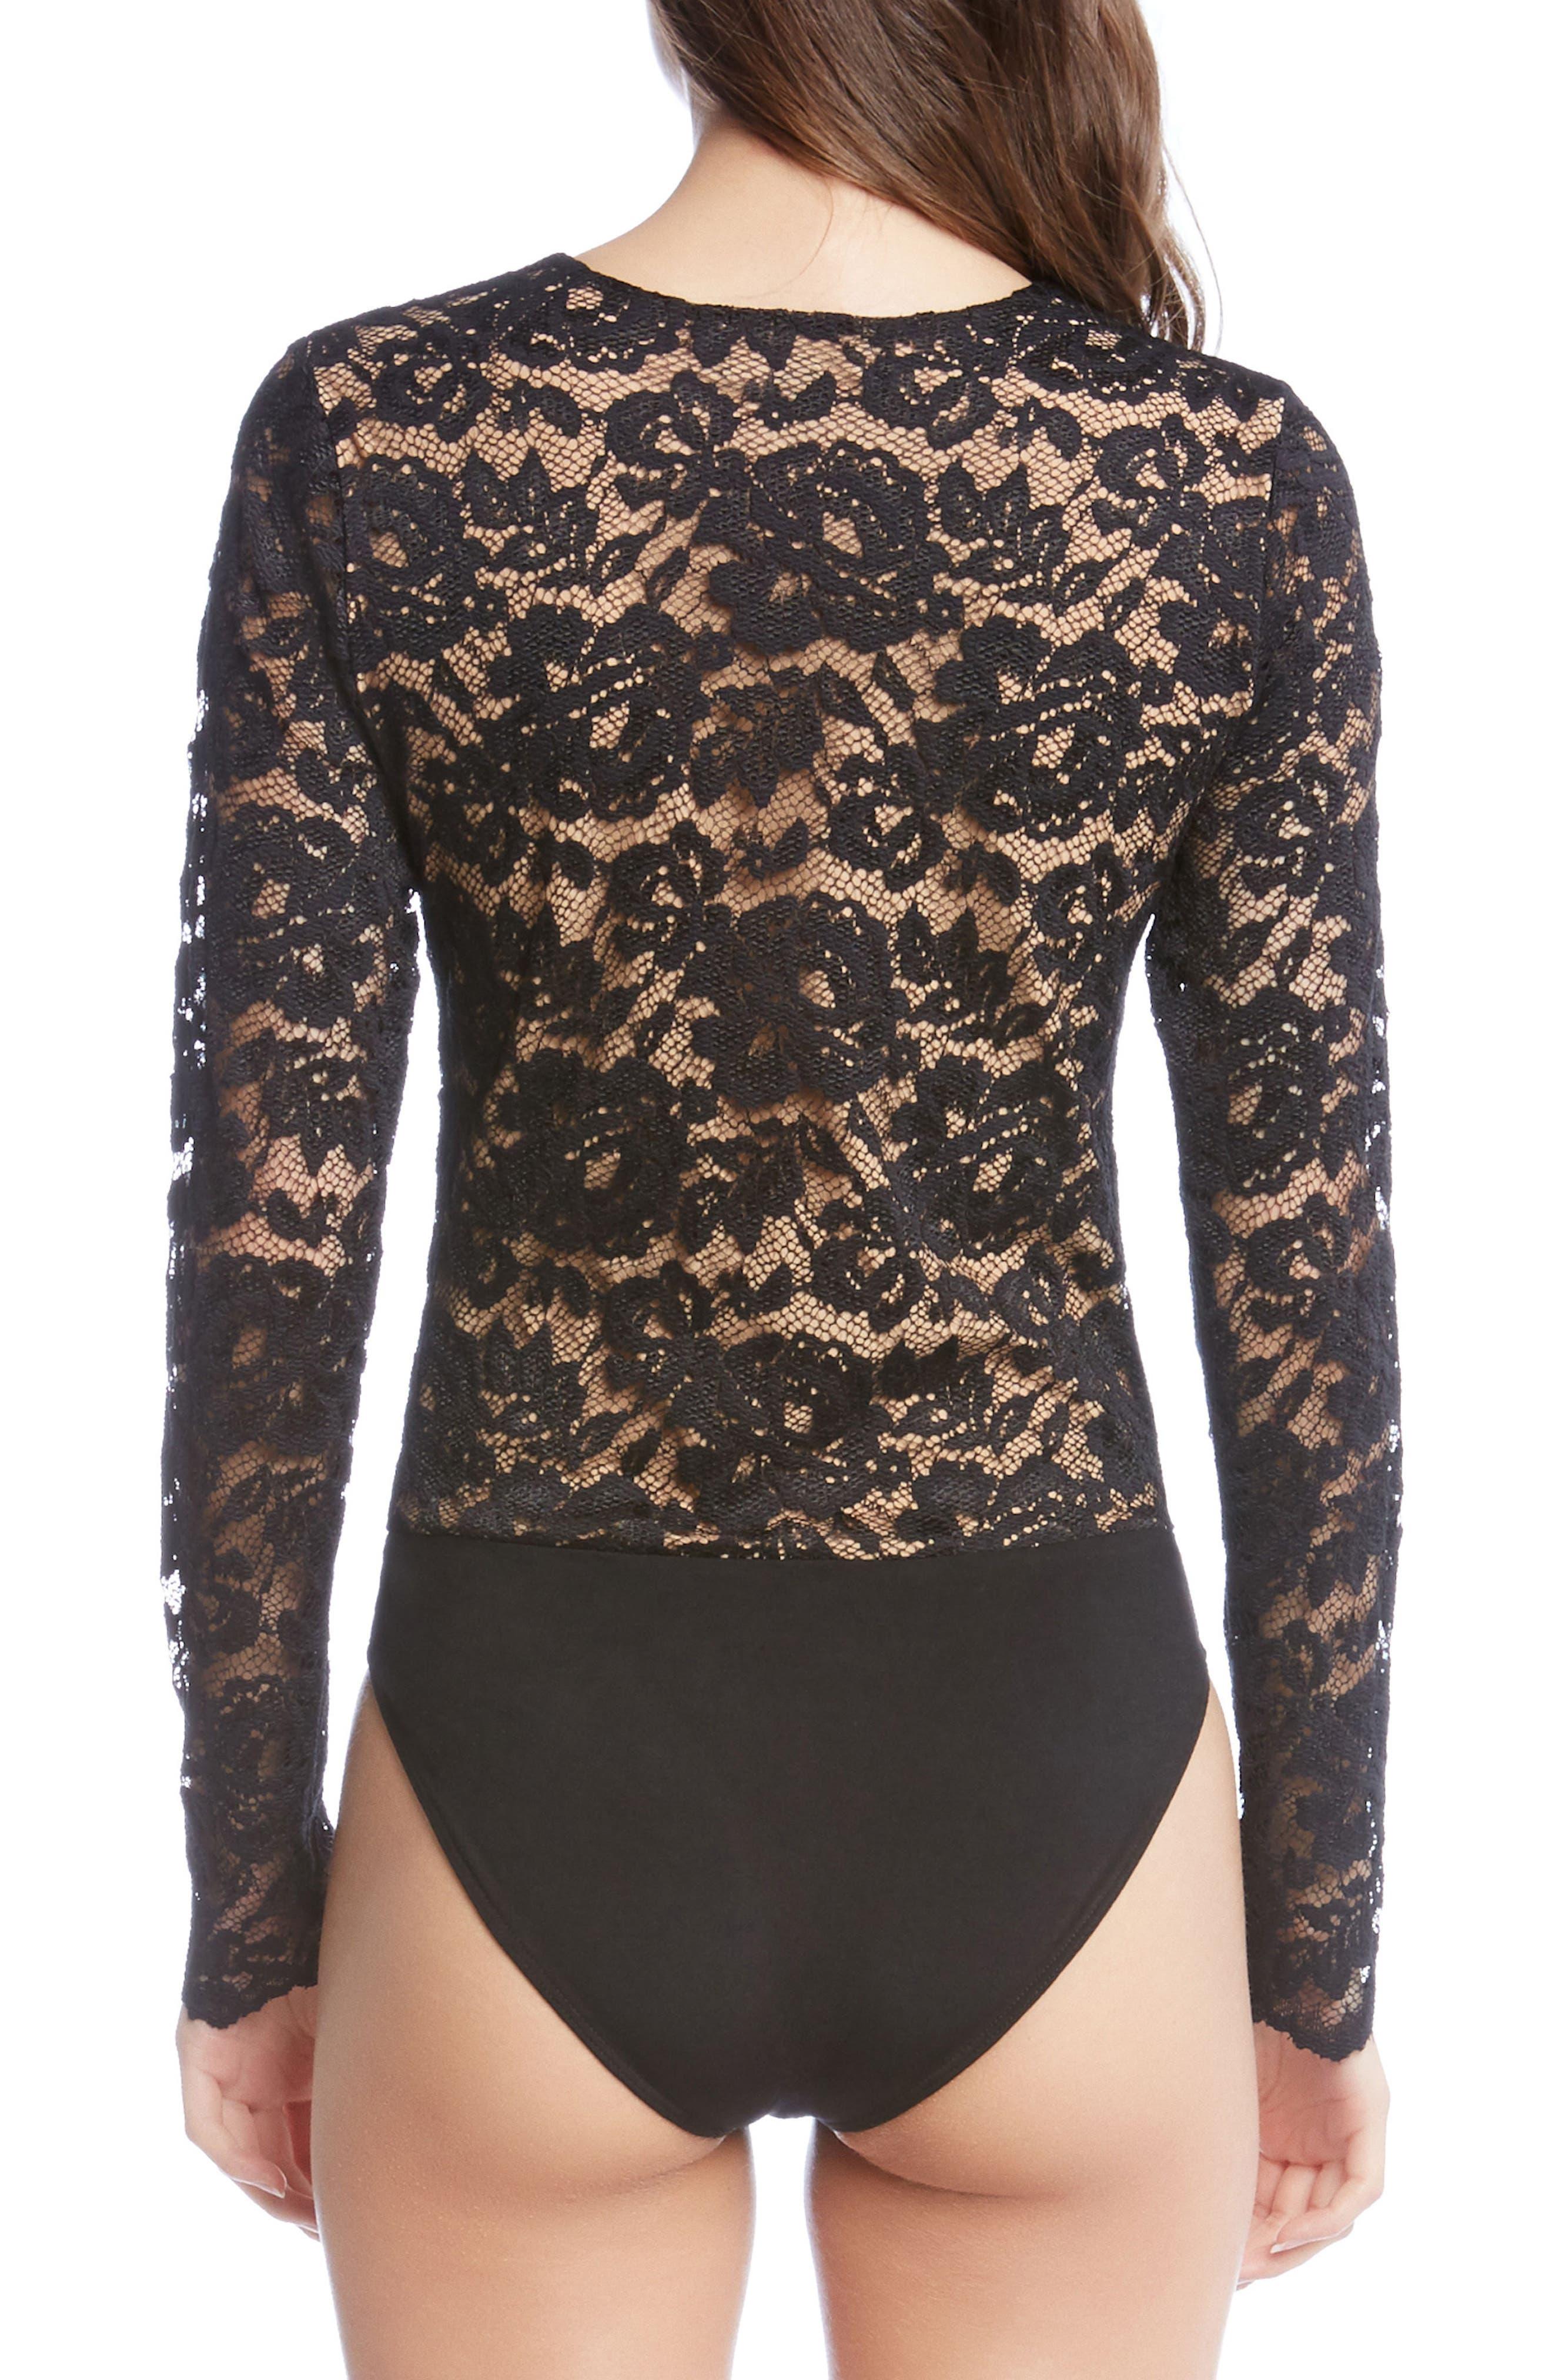 Scallop Lace Bodysuit,                             Alternate thumbnail 3, color,                             001